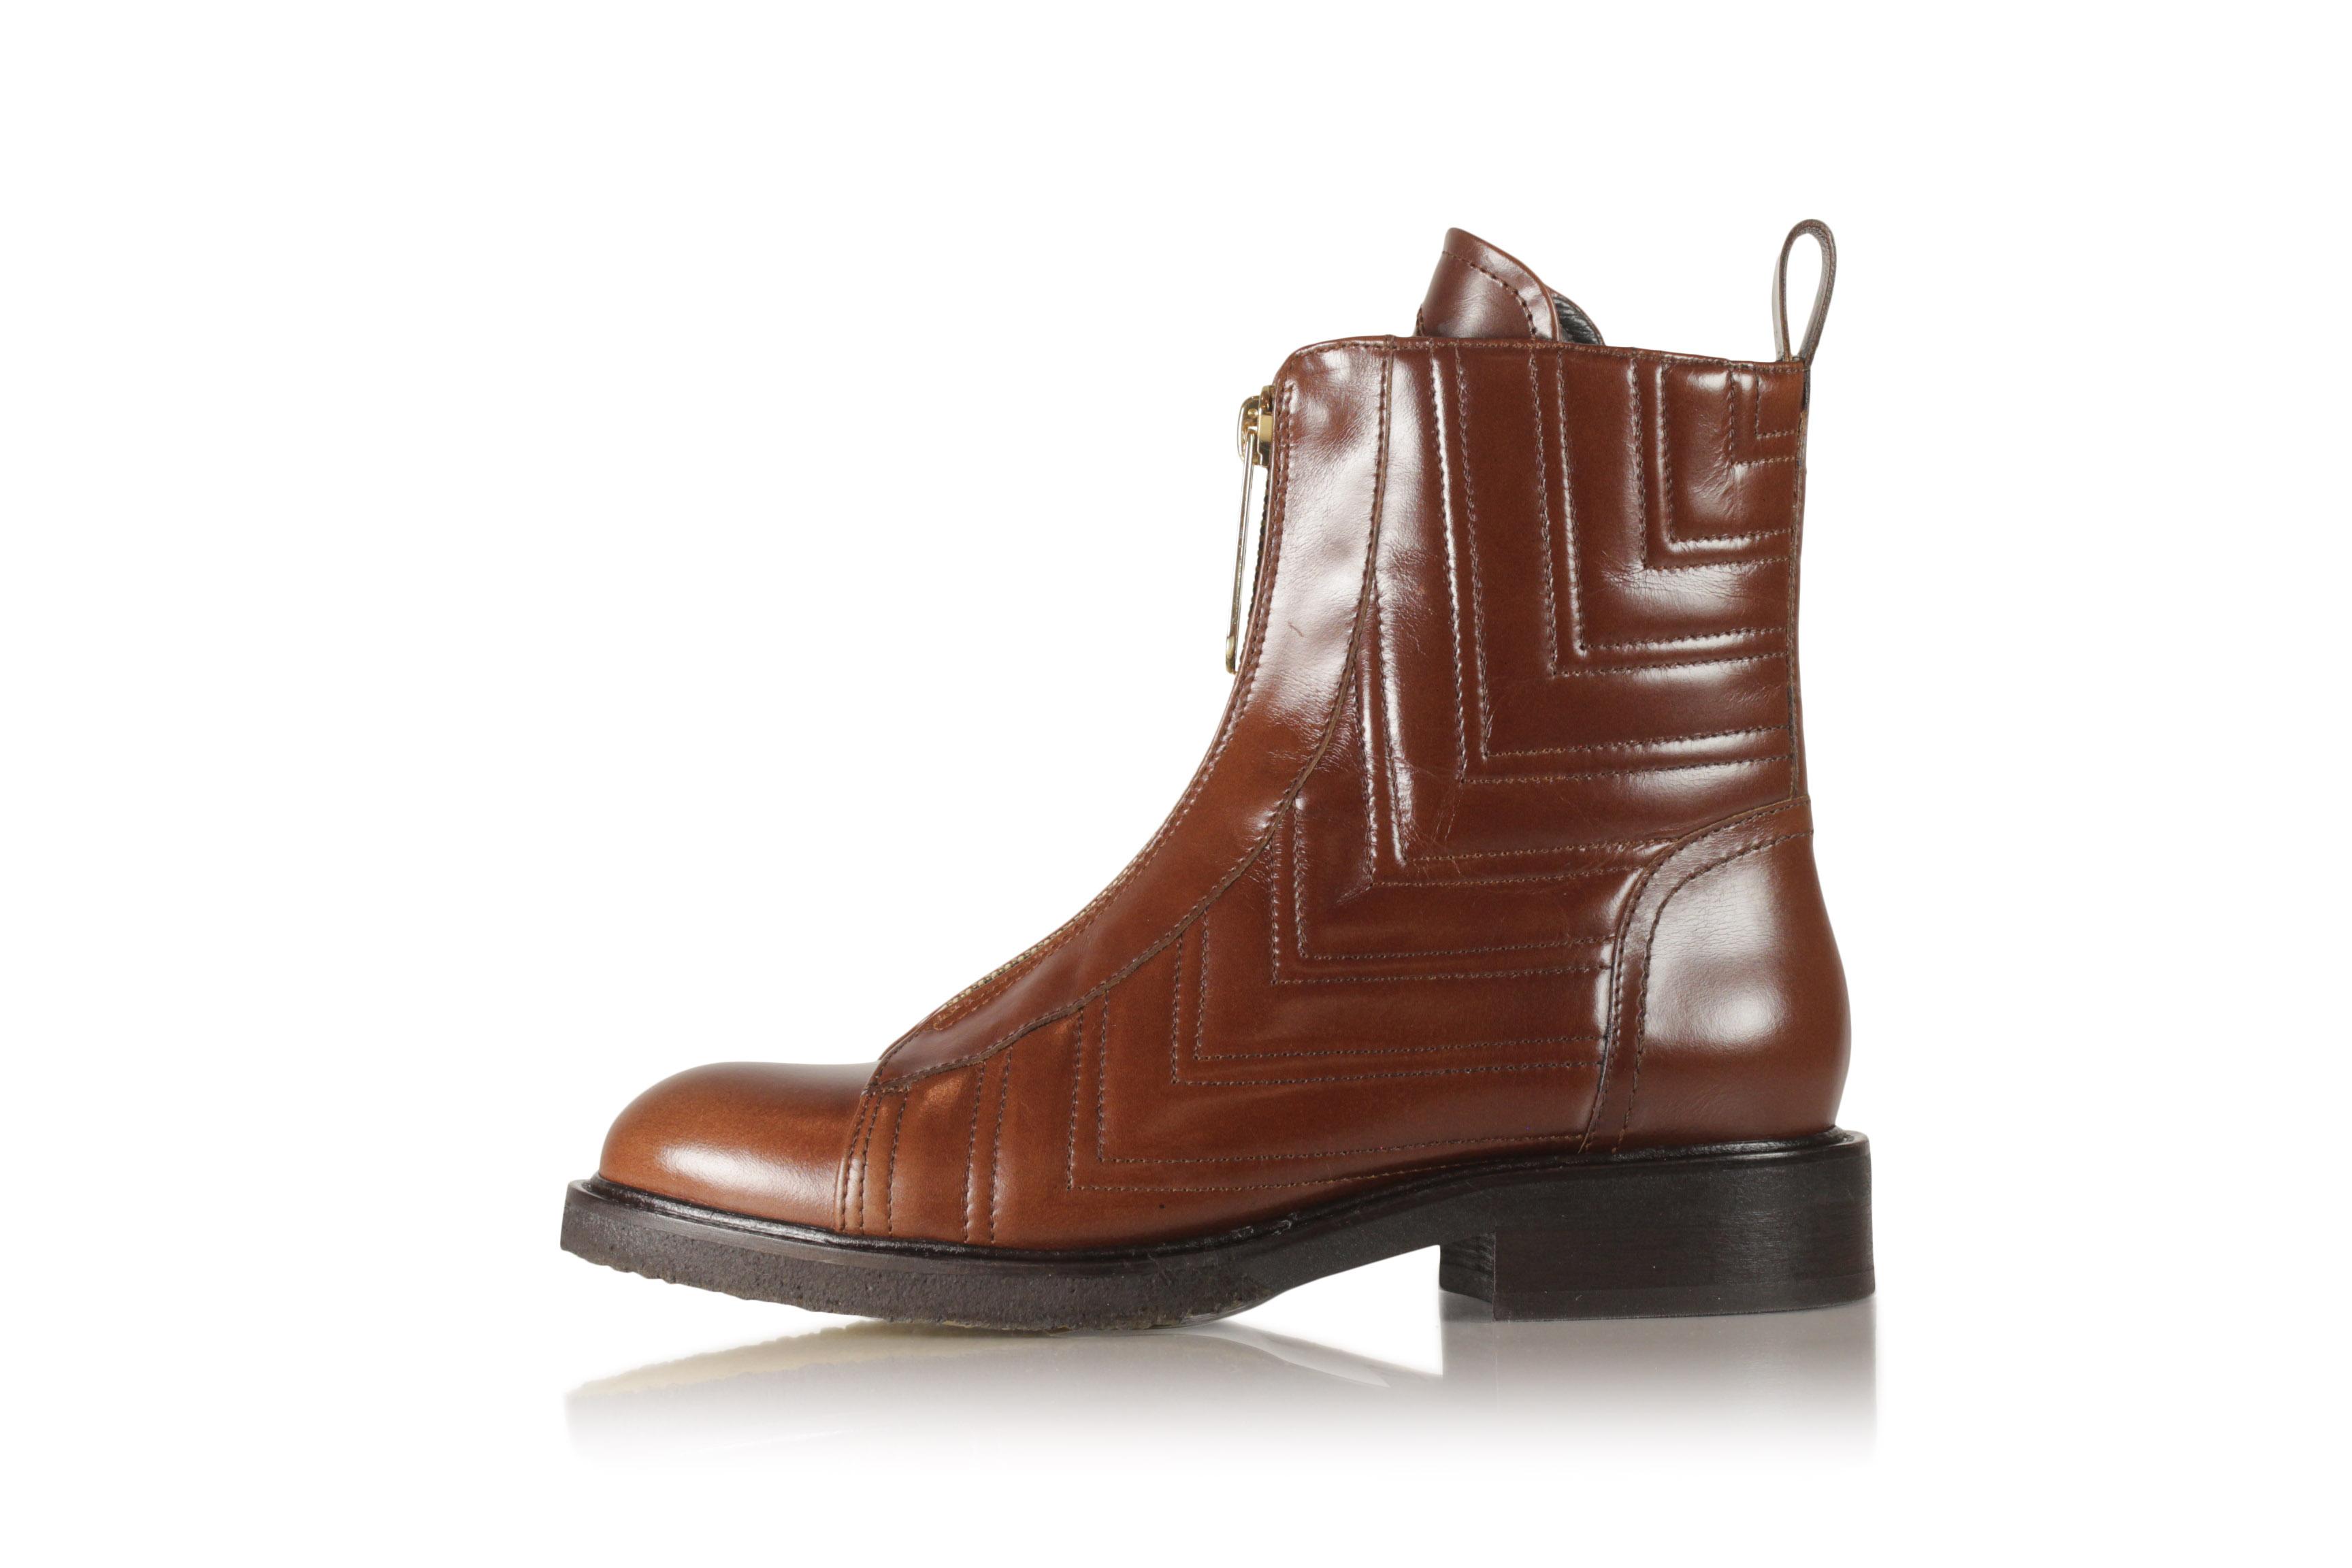 Billi Bi A1267 støvle